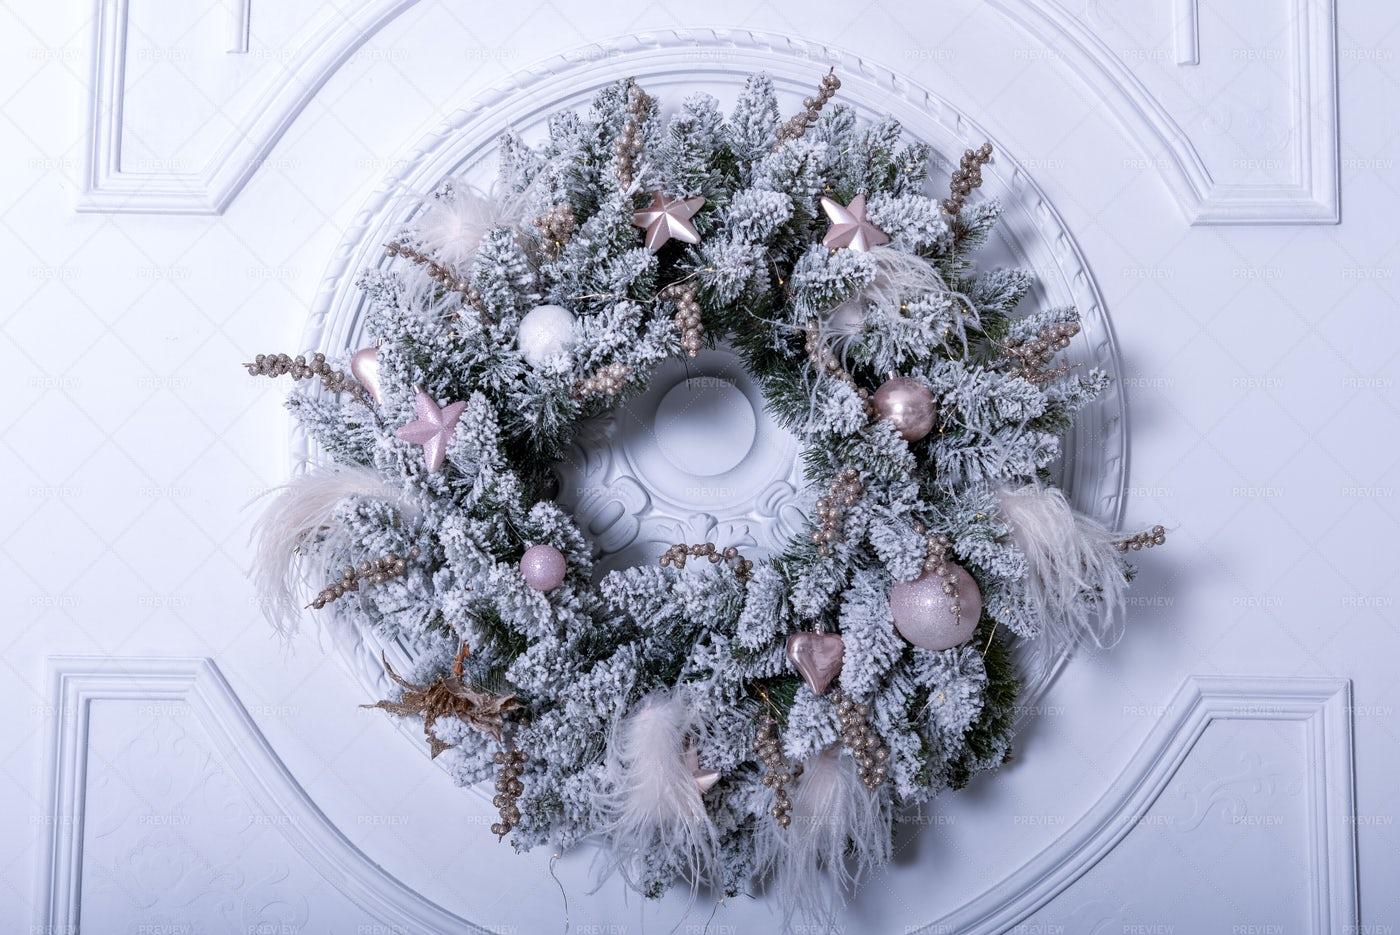 Silver Christmas Wreath: Stock Photos